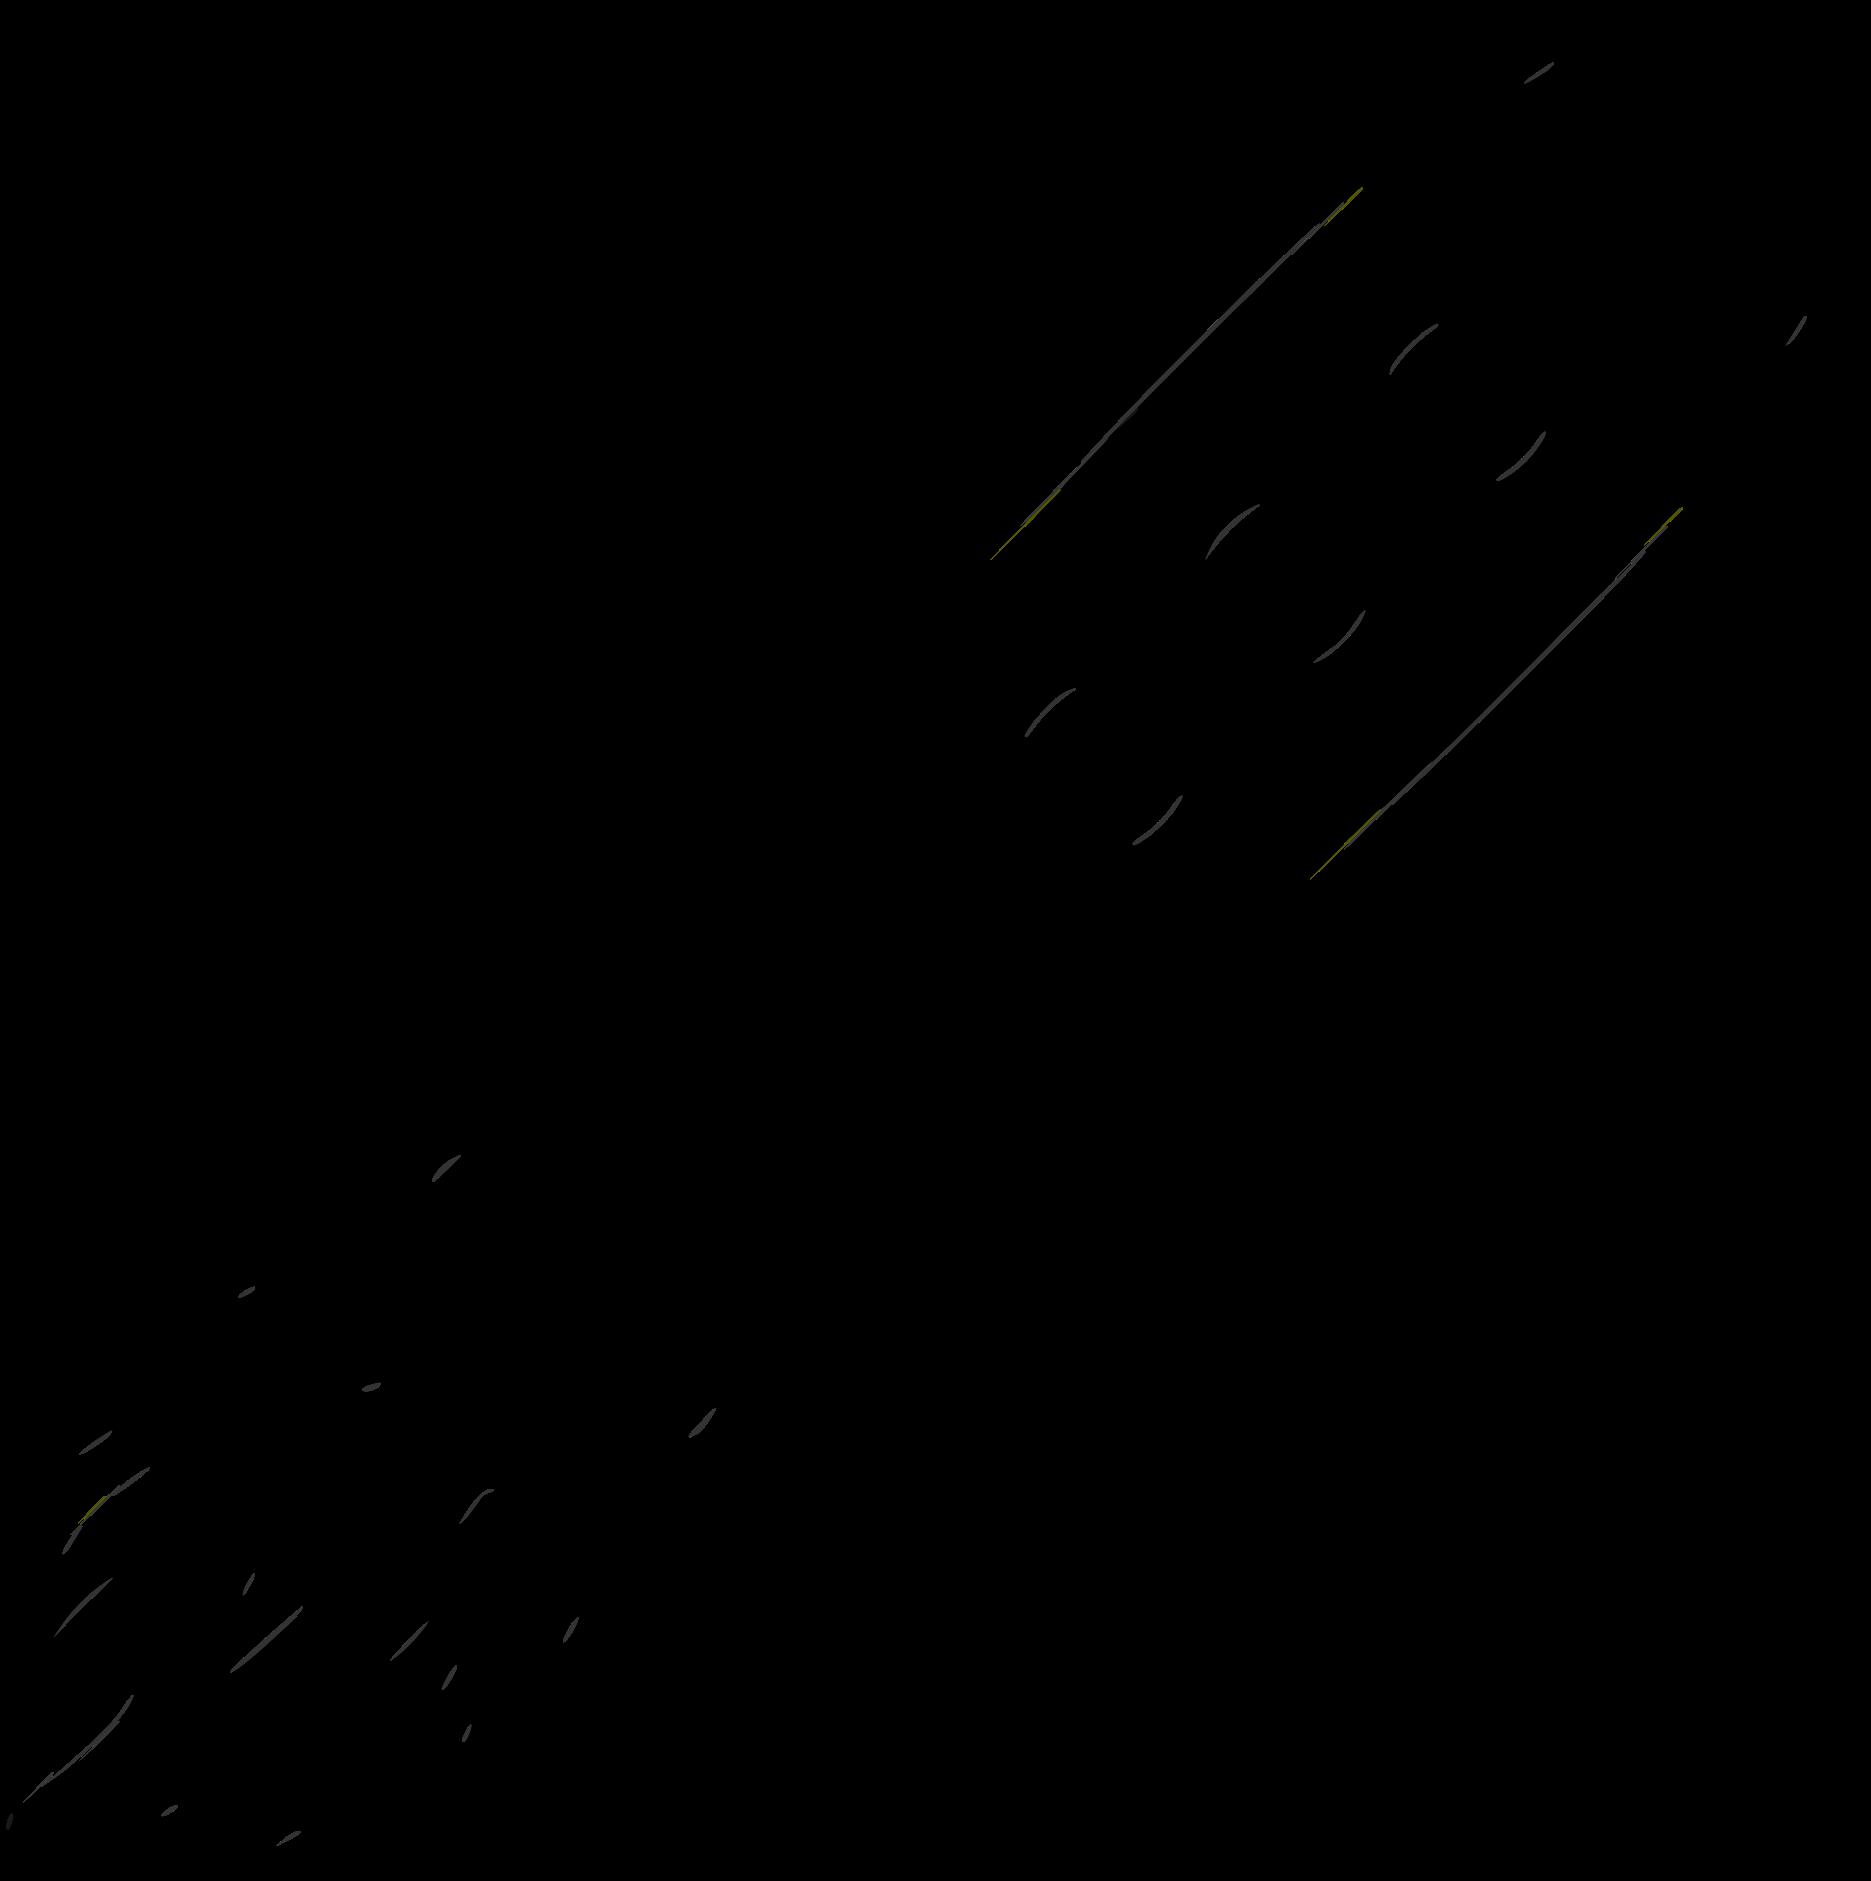 clipart saquib rocket space shuttle clip art silhouette space shuttle clip art silhouette